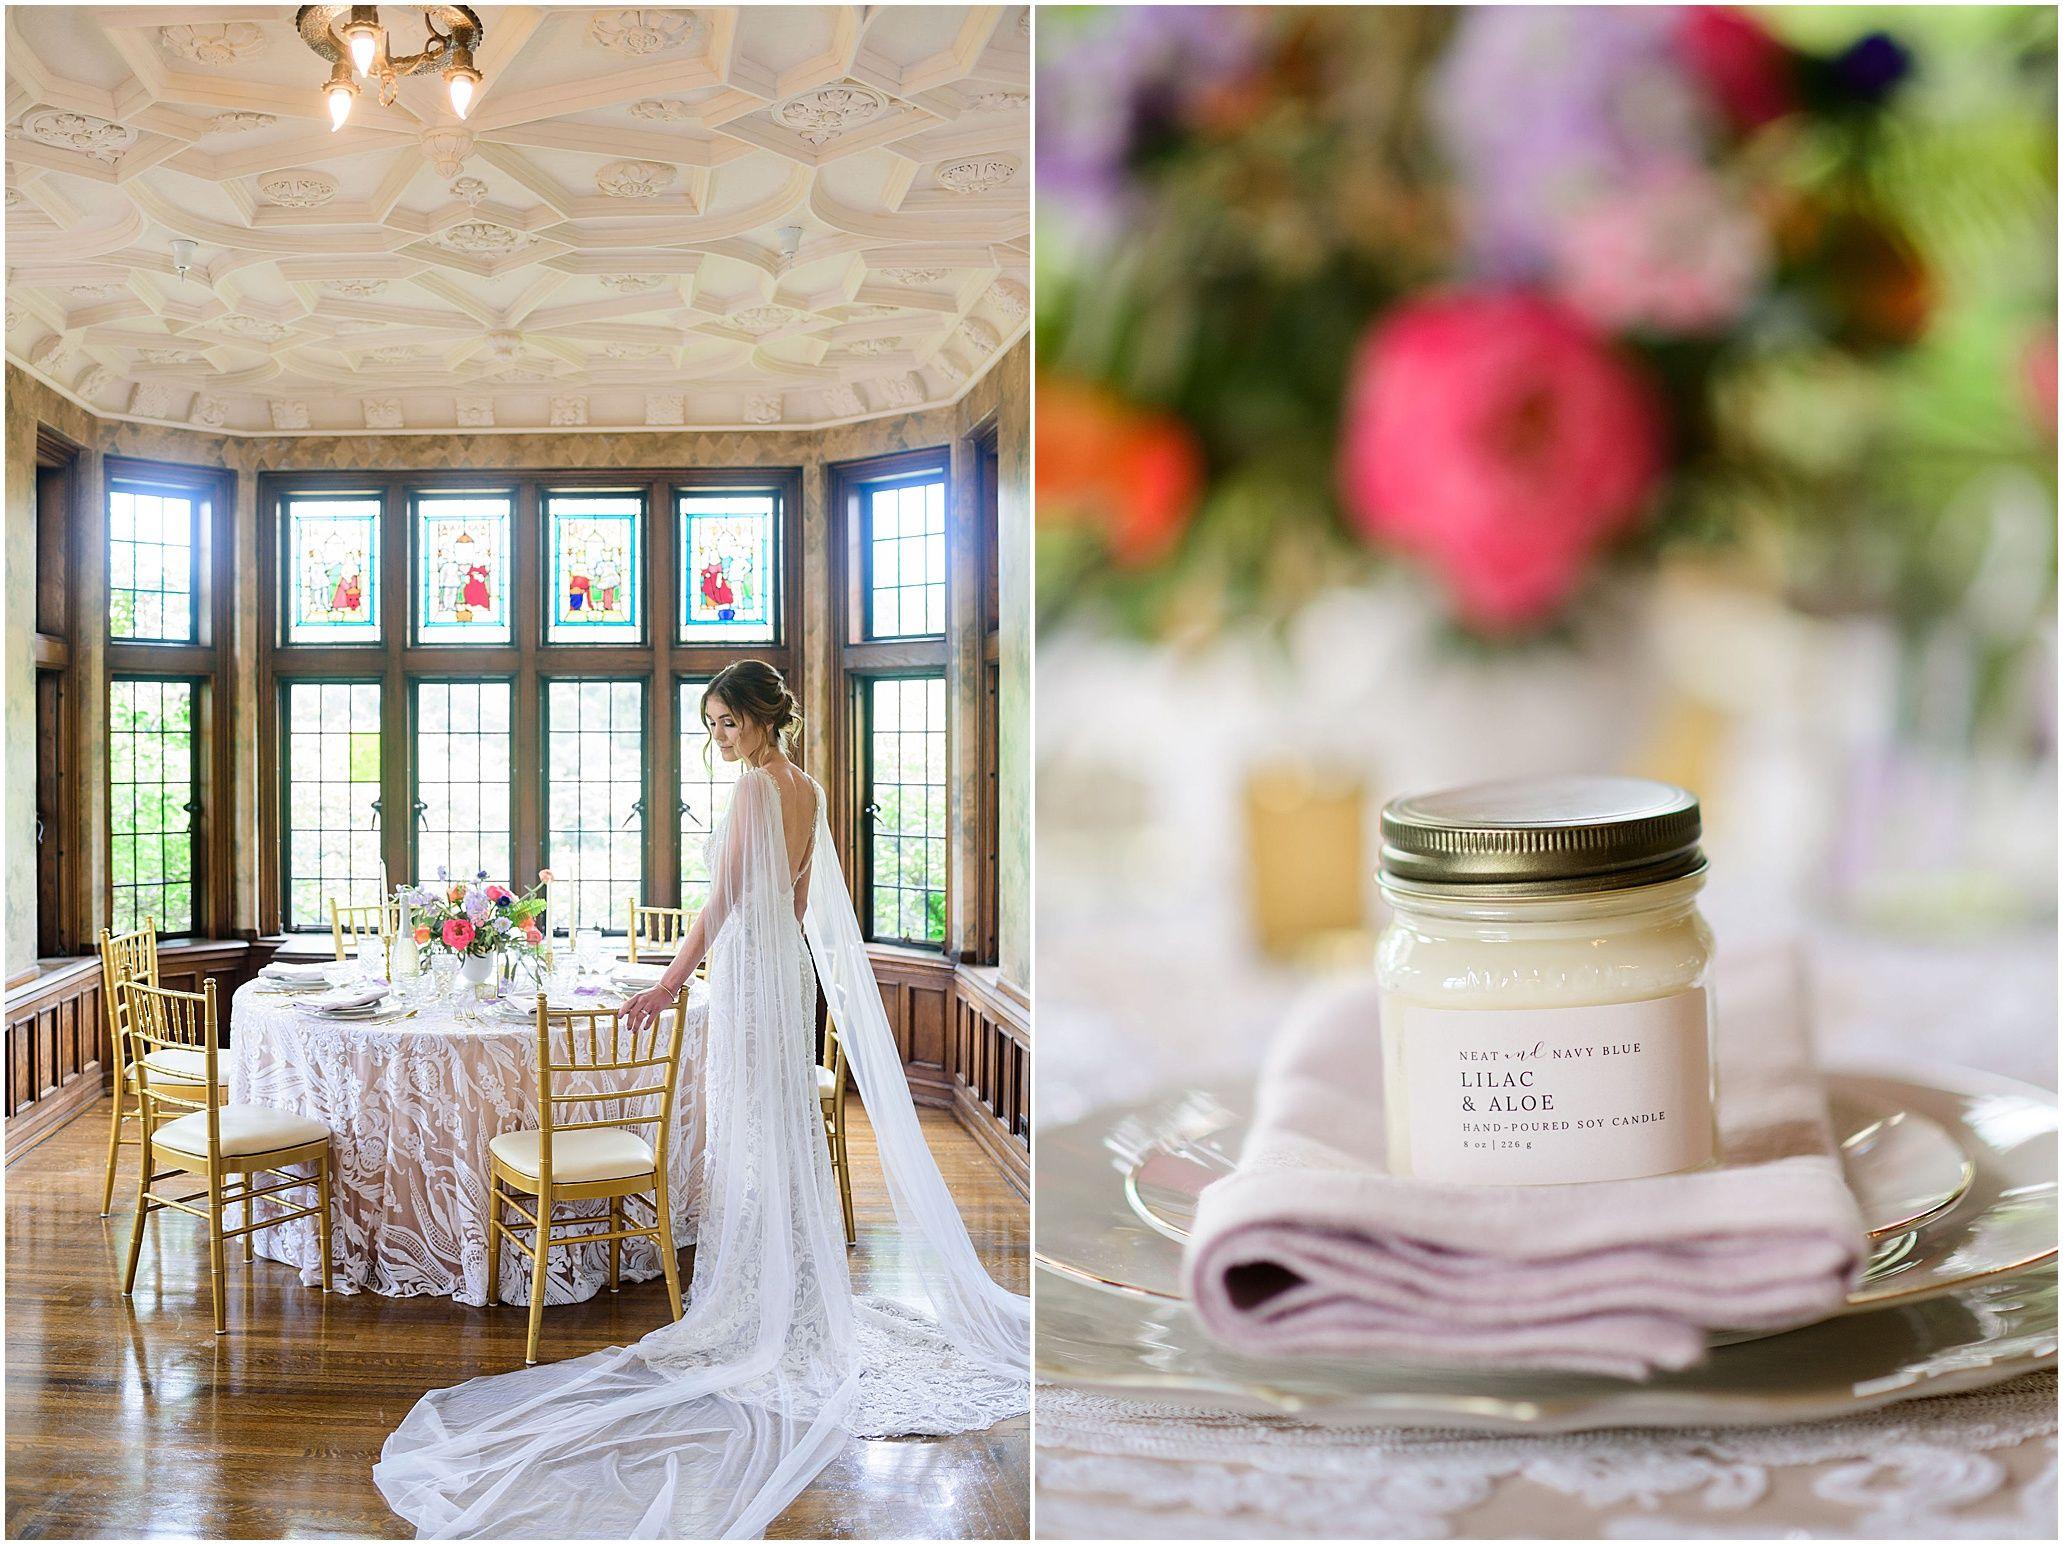 Rollins Mansion Wedding Reception In Des Moines Iowa In 2020 Wedding Event Planning Event Planning Event